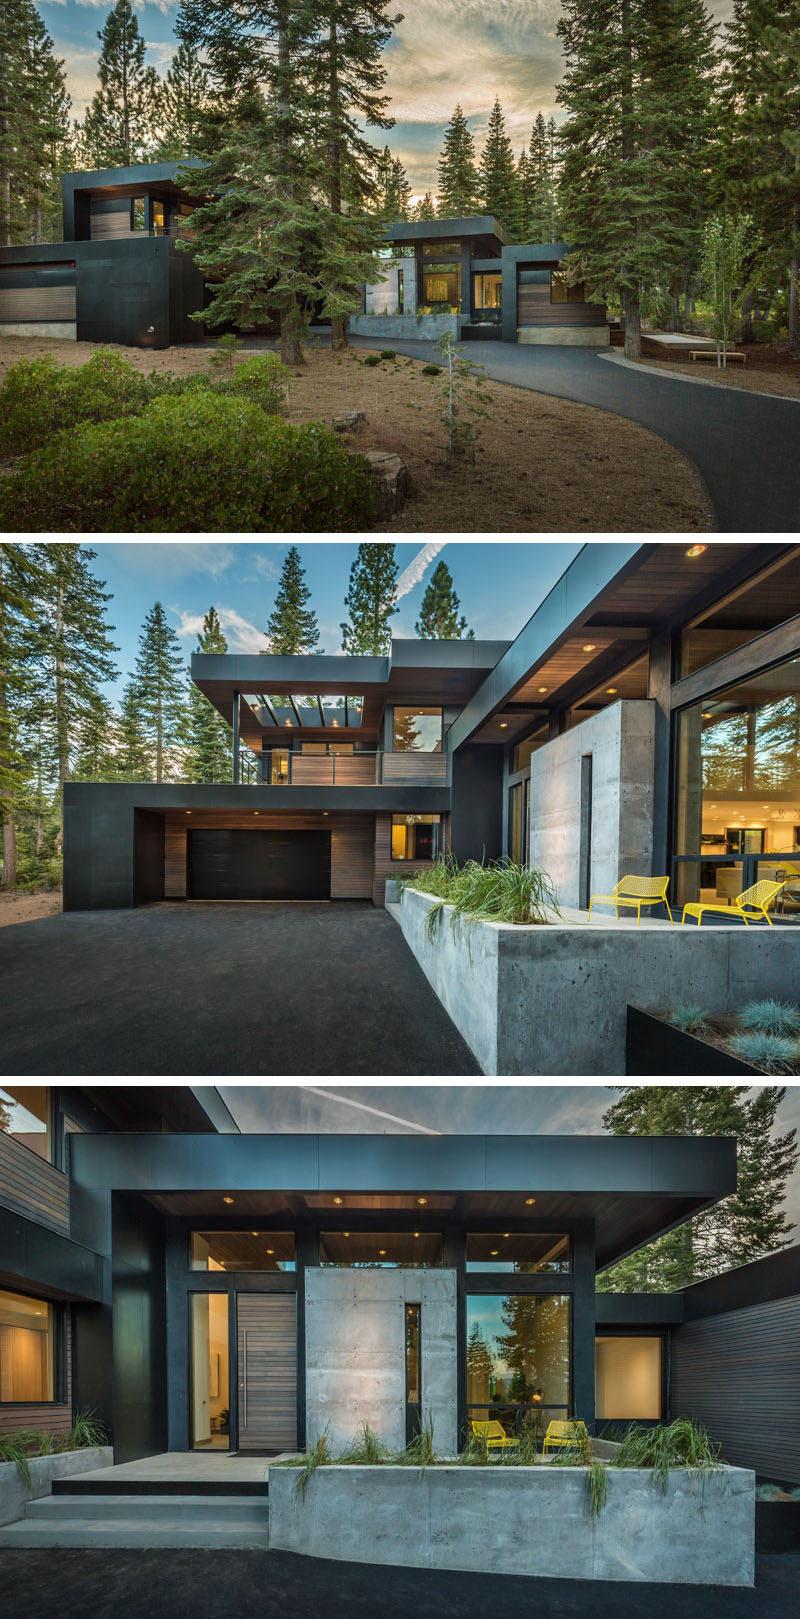 16 Bit Forest Home - modern-house-201216-455-01-800x1619_Beautiful 16 Bit Forest Home - modern-house-201216-455-01-800x1619  Snapshot_274957.jpg